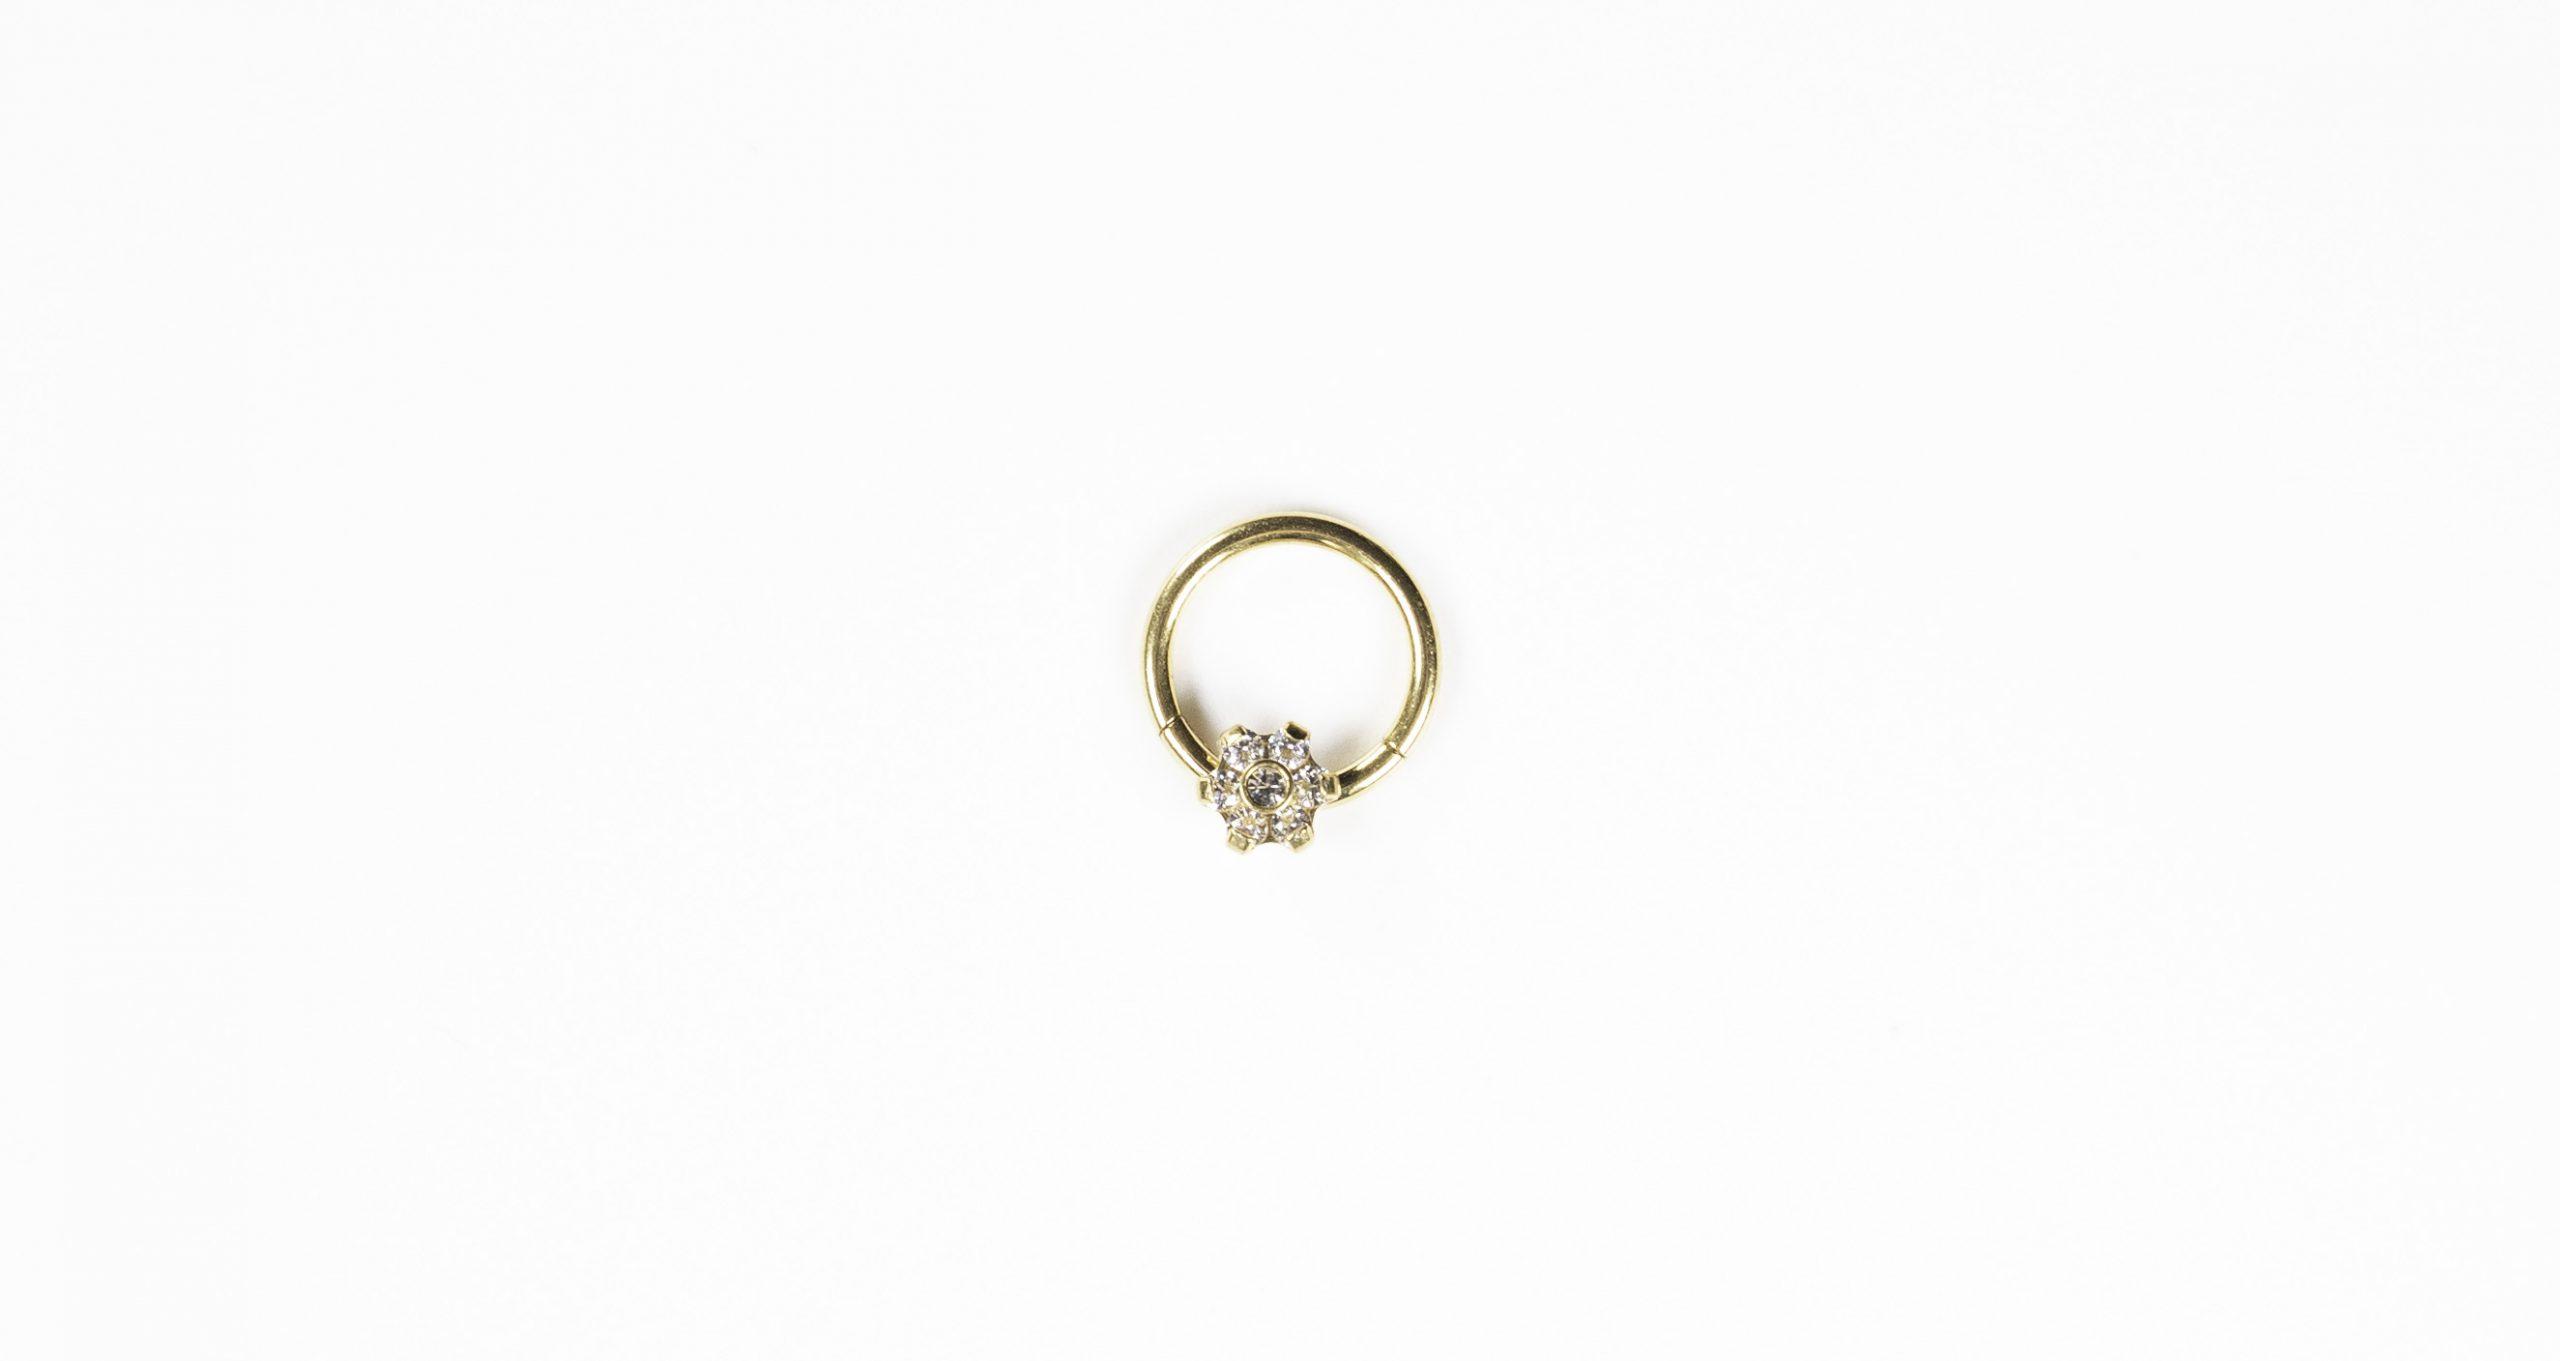 Crystal Flower Huggie Hoop - Bella Andrea London Piercing Jewellery